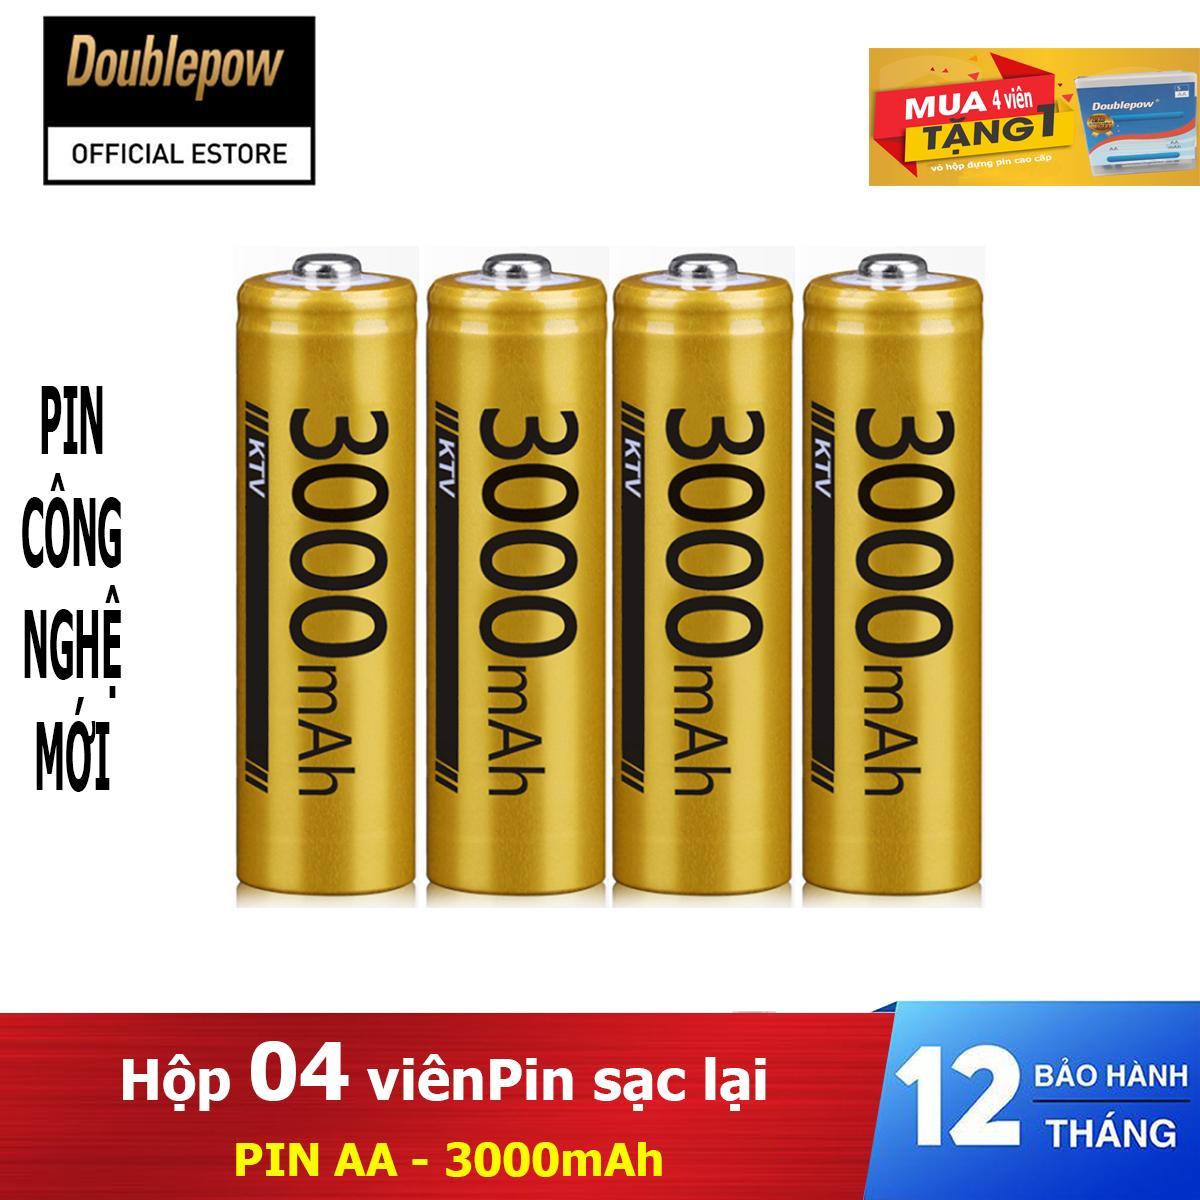 Giá Hộp 4 viên Pin sạc lại Doublepow AA 3000mAh - pin dung lượng thực (màu vàng) - pin chuyên dụng Micro Karaoke